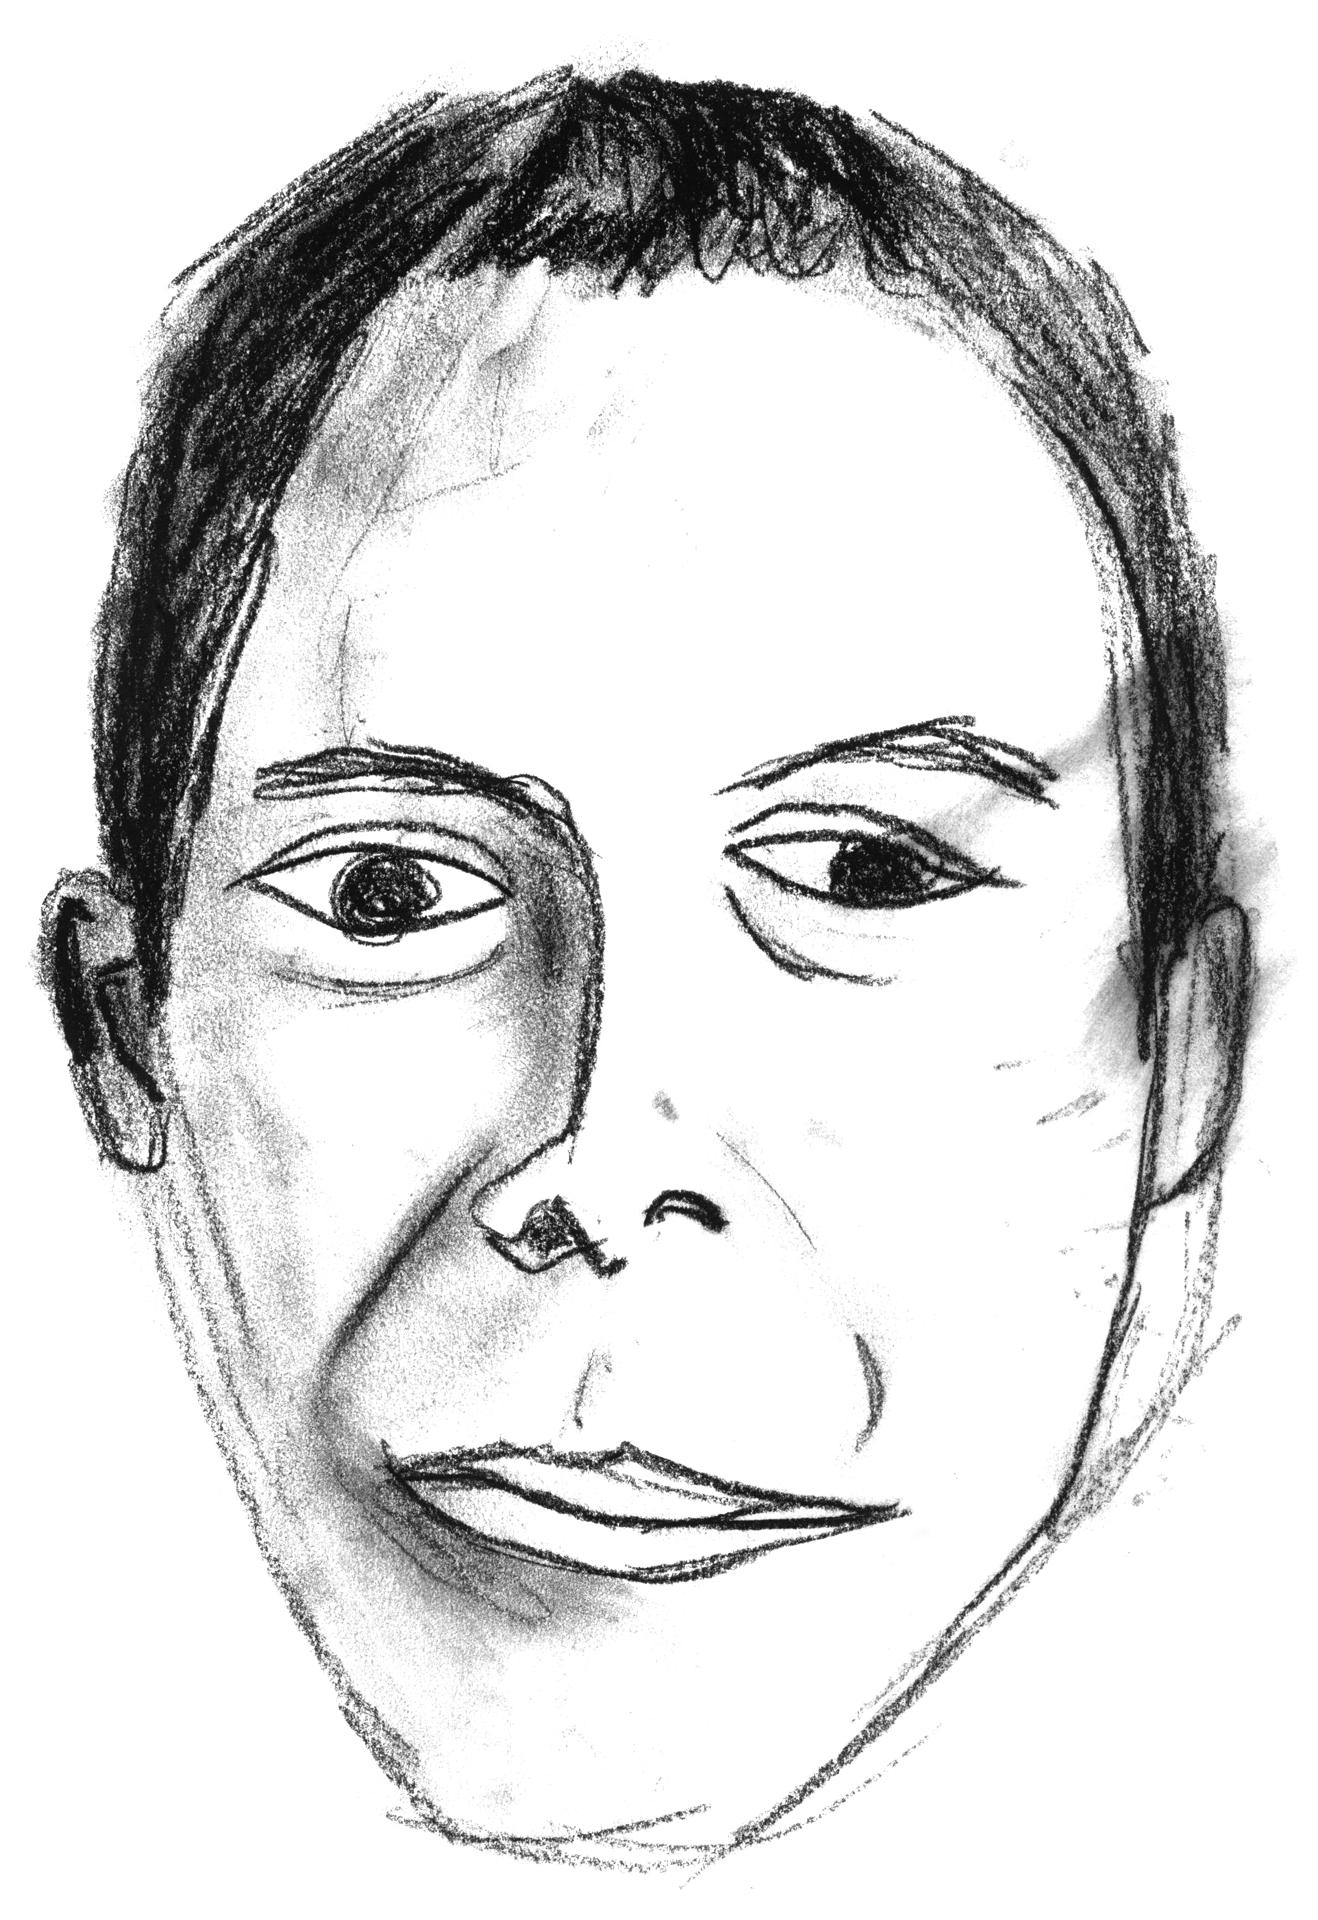 visage1